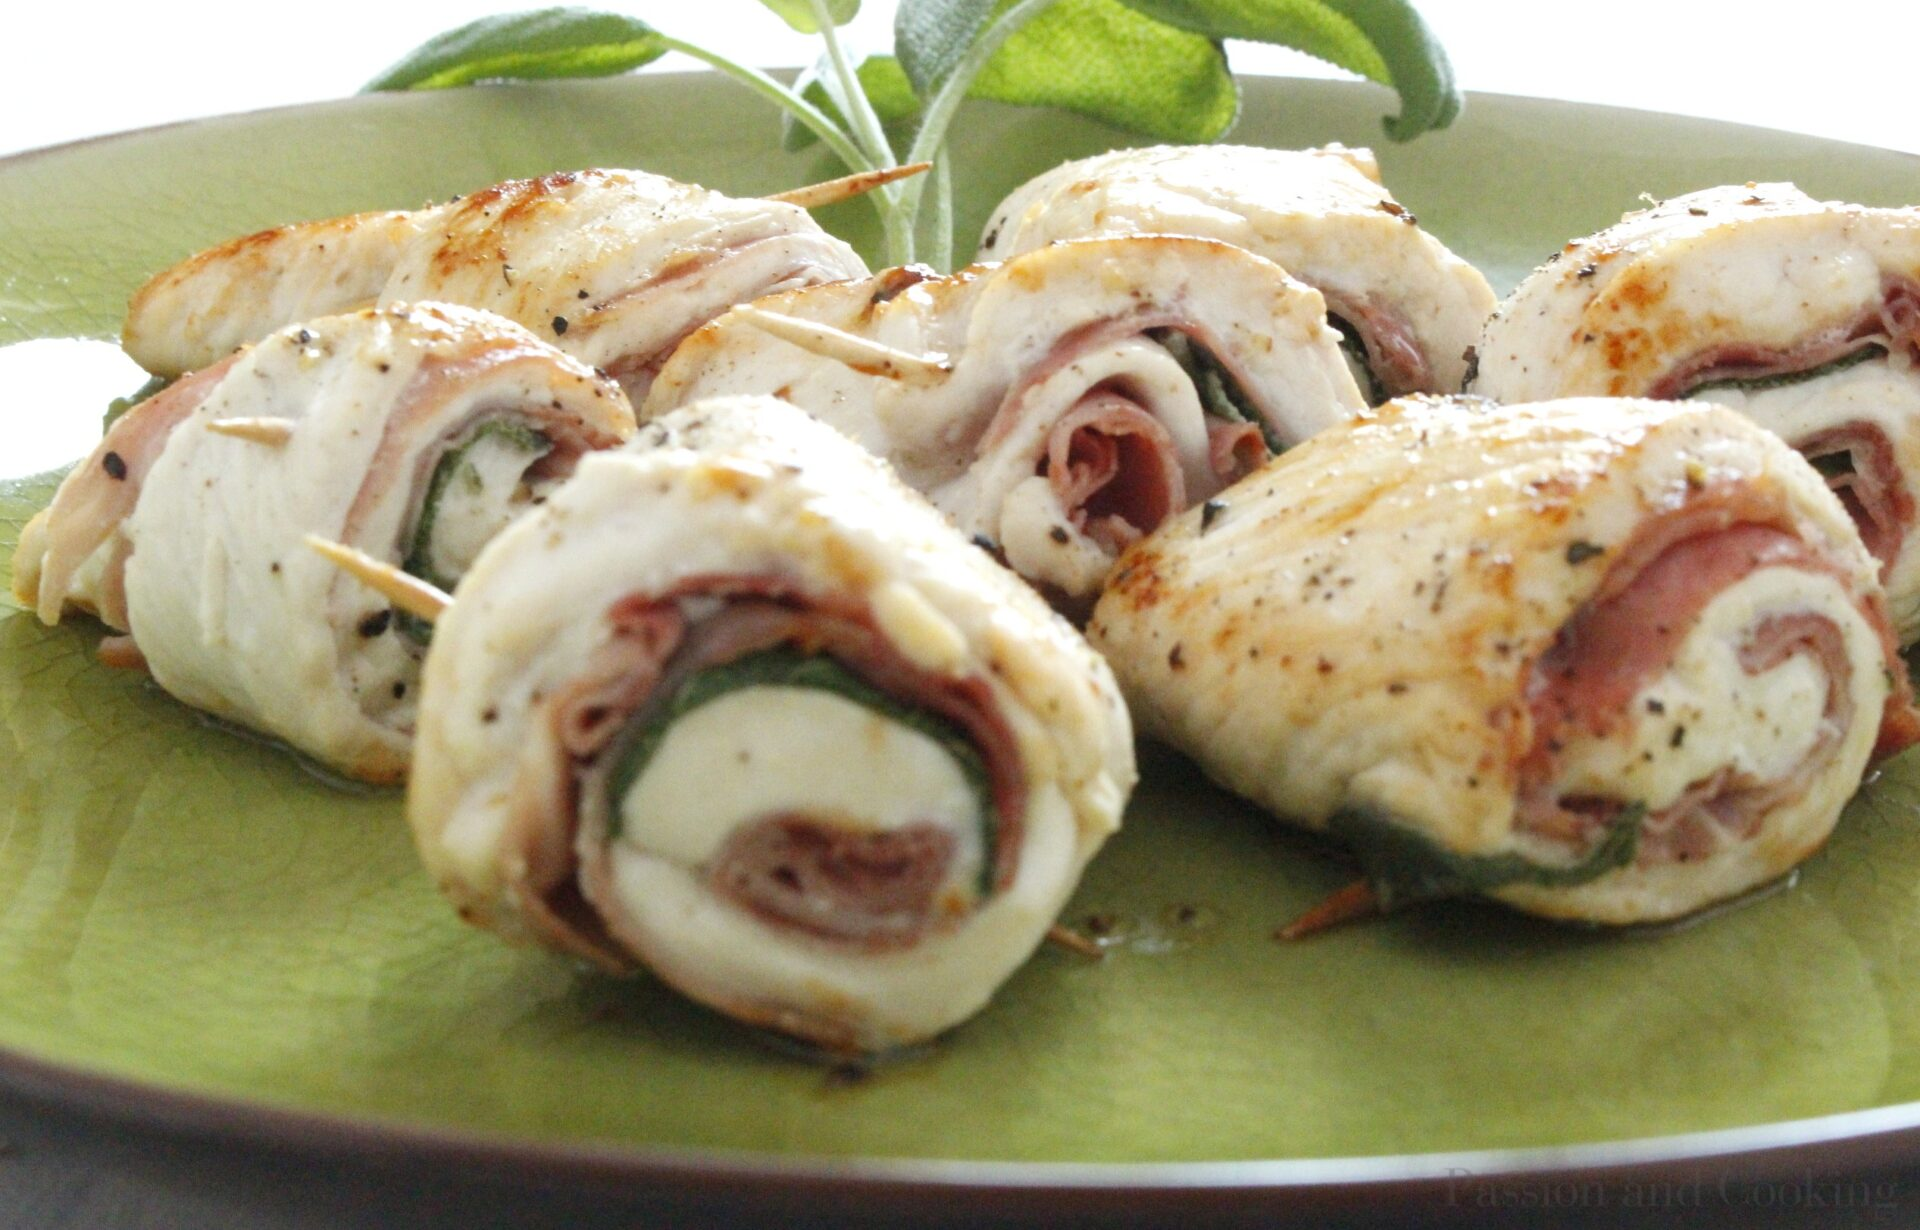 Involtini di pollo- Chicken breast rolls